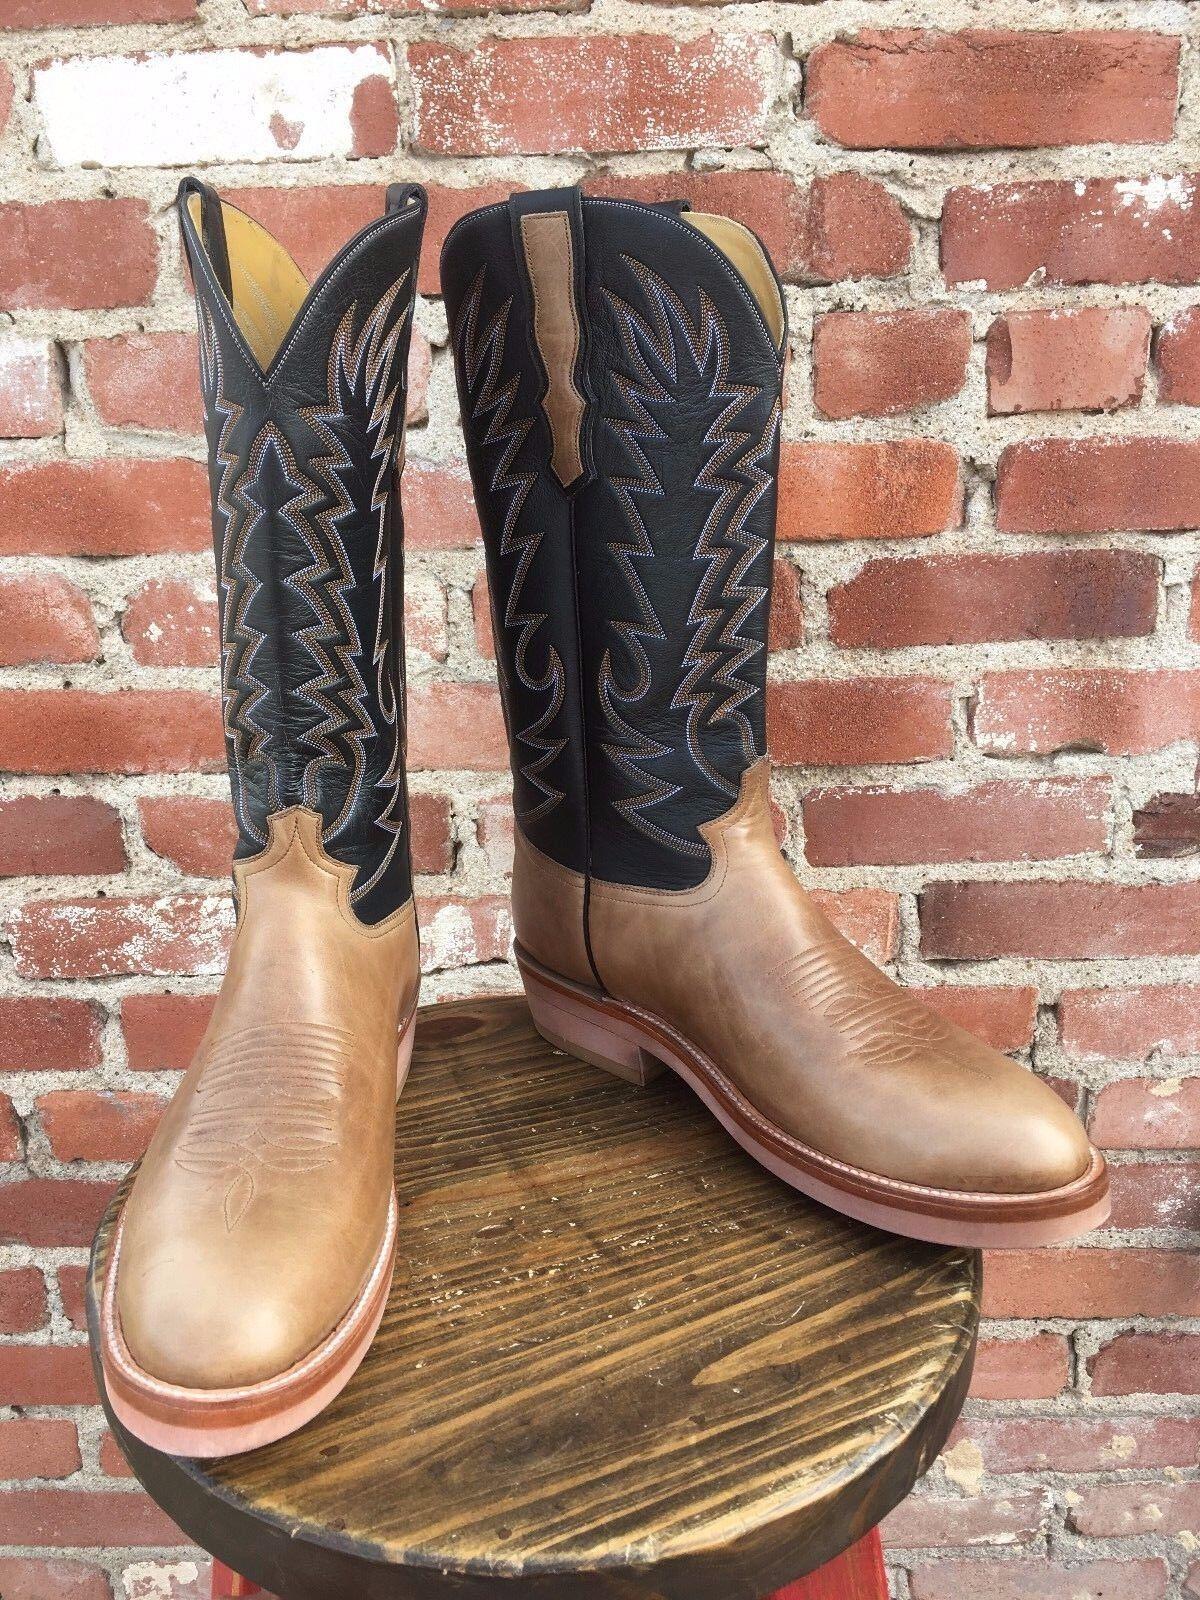 Cabottes MARRON CLAIR fait main travail Bottes de cowboy homme Taille 14.5B